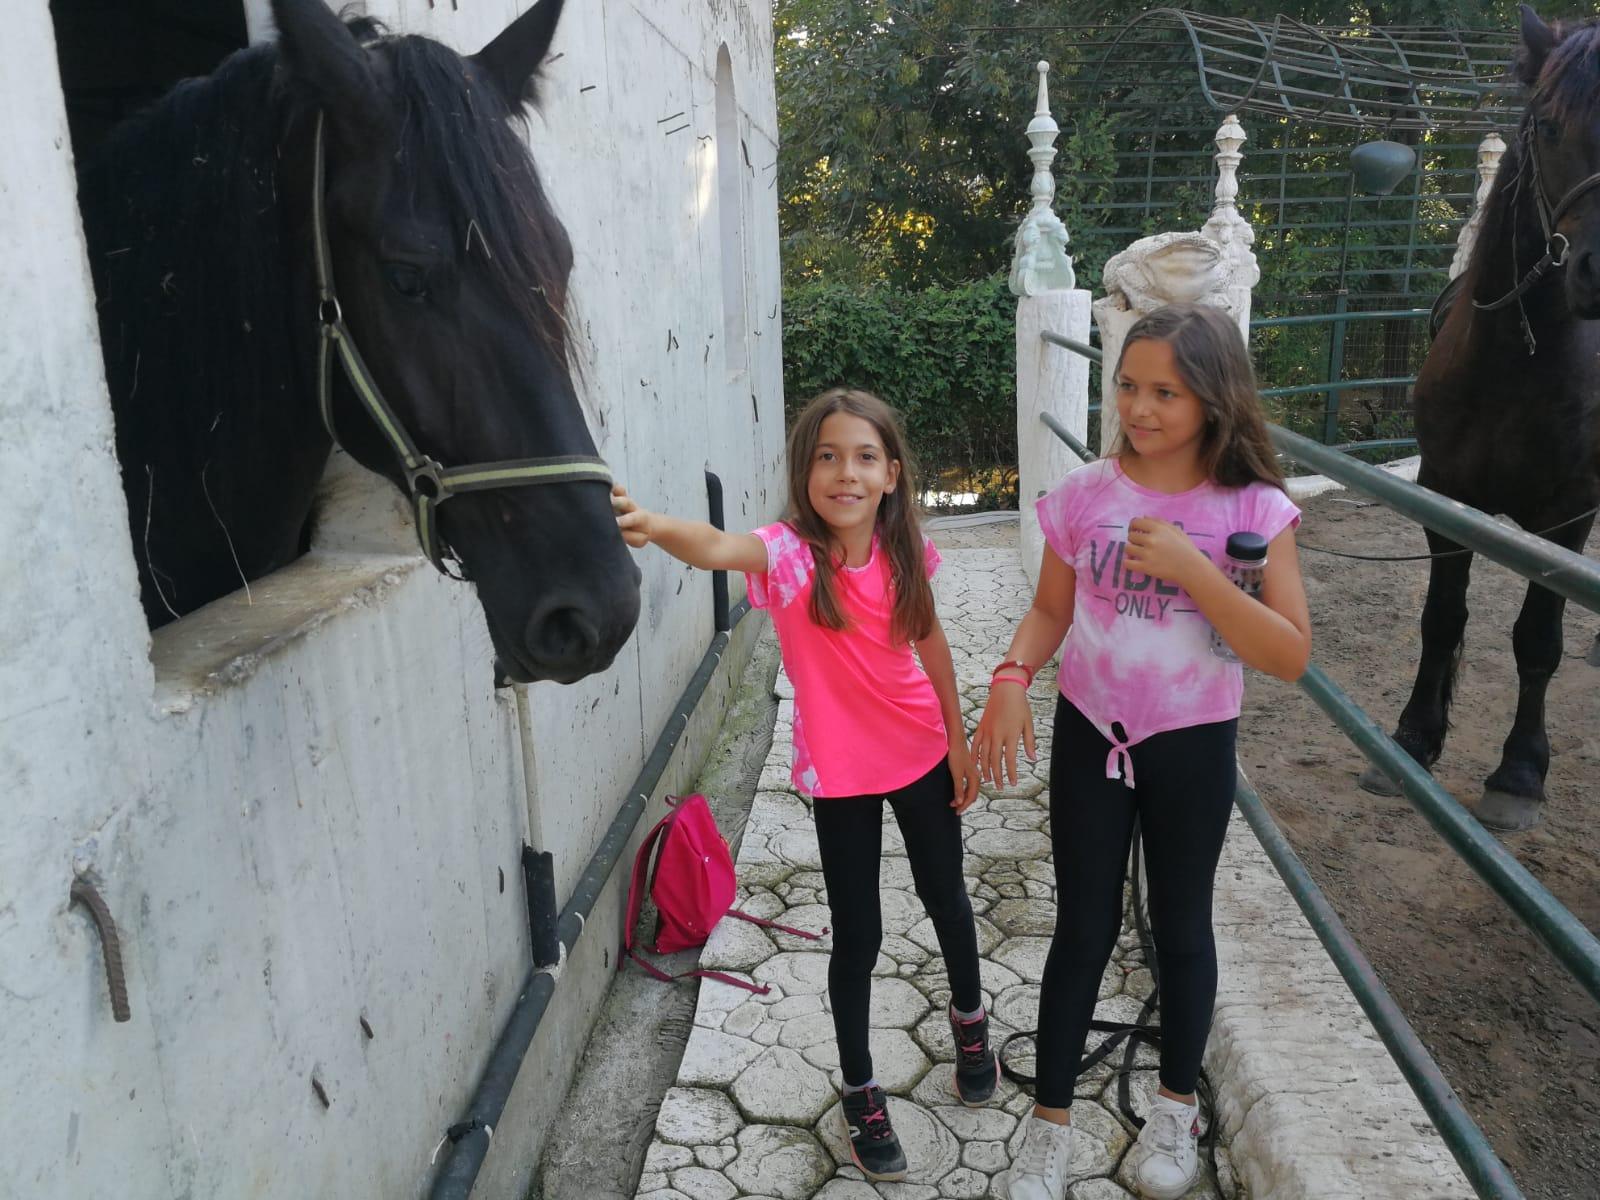 езиков лагер за деца Z кемп, Ден 23 - конна езда - две момиченца галят кон